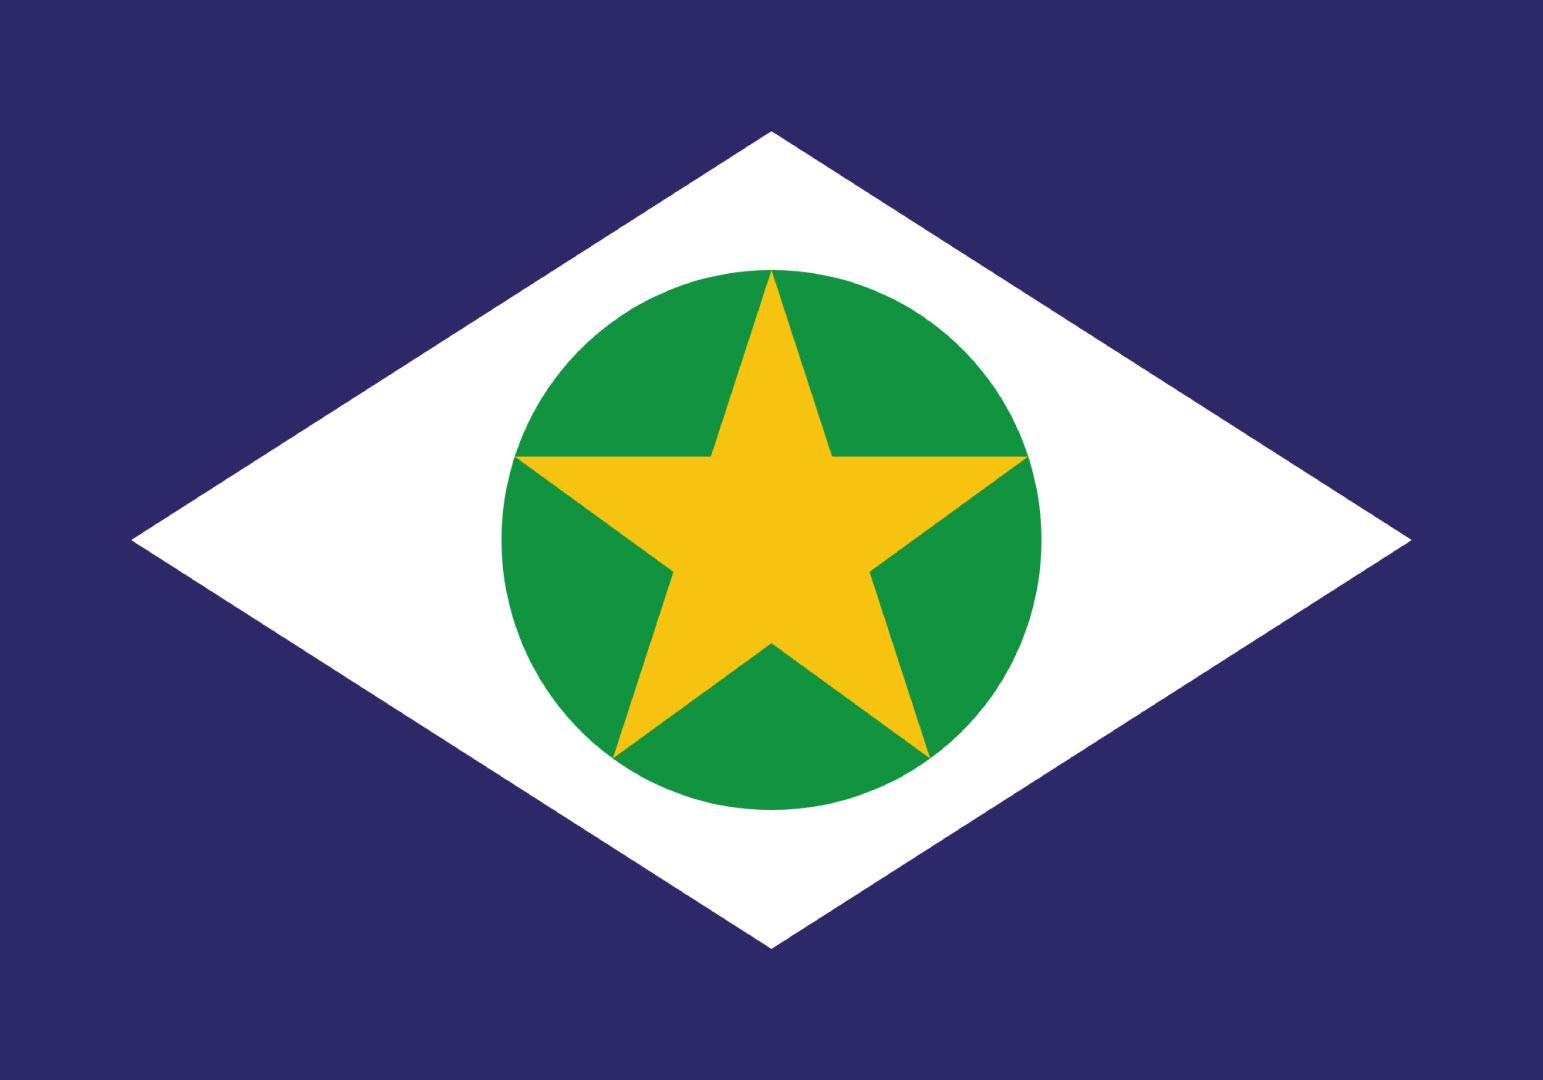 Sindicato dos C.F.C.s do Estado do Mato Grosso